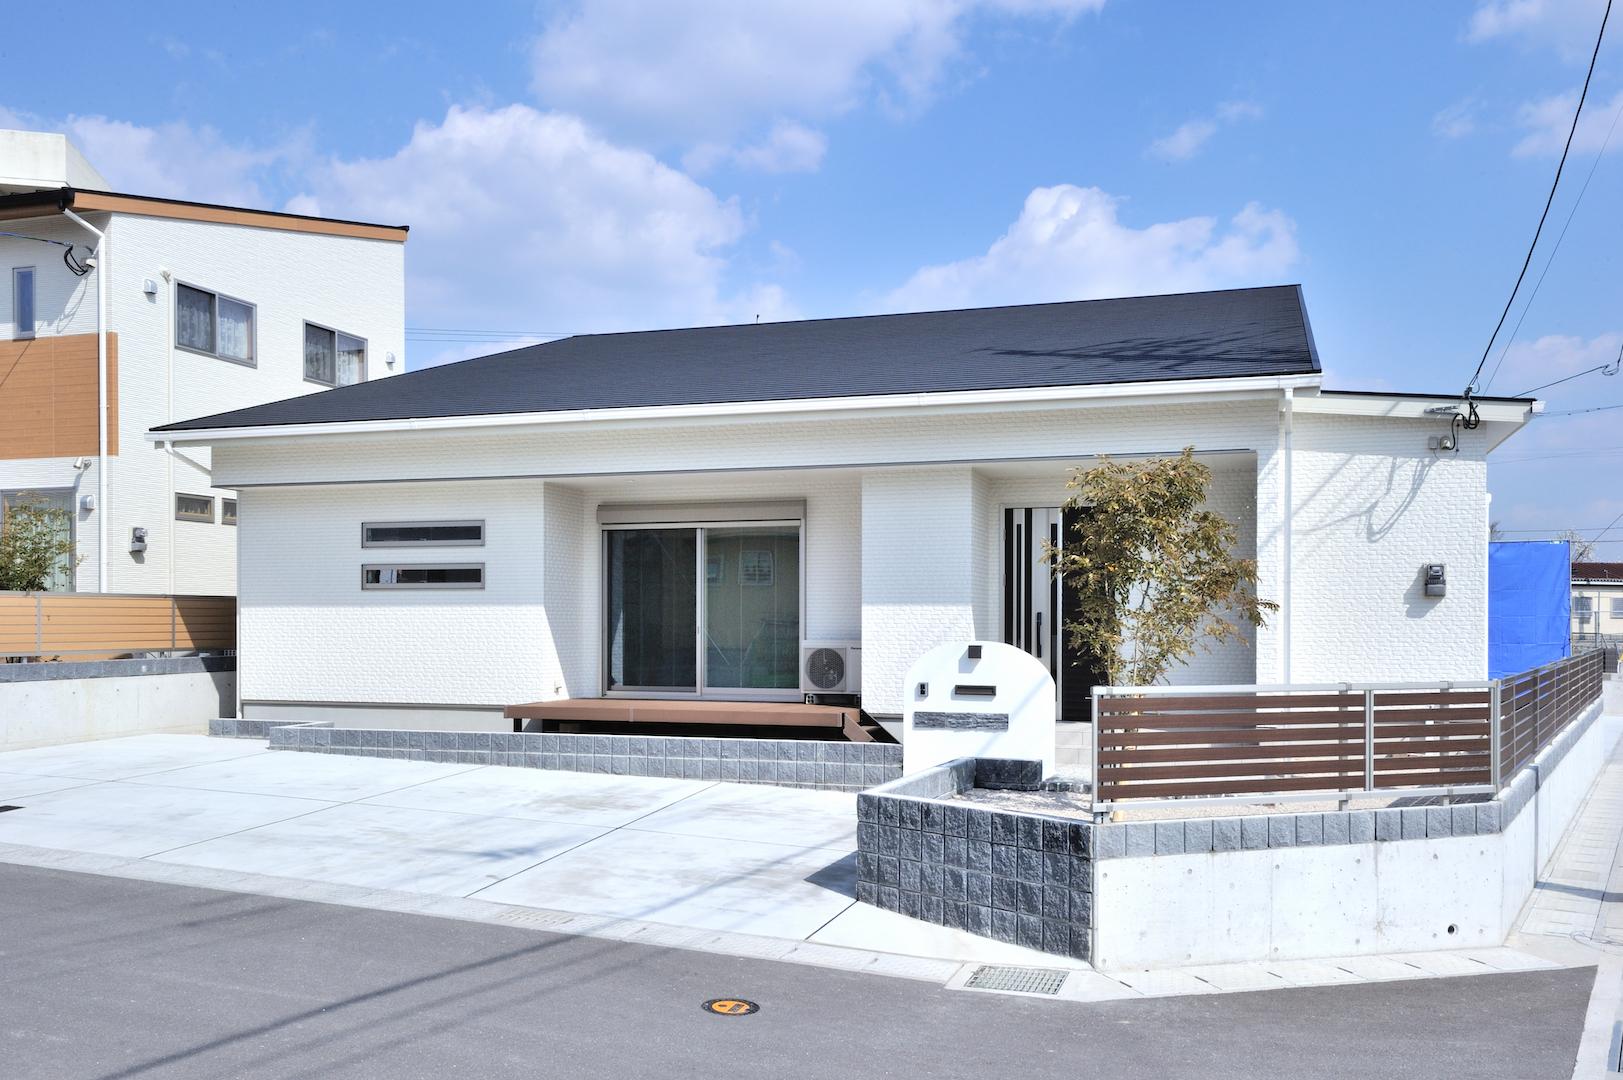 【日本に建っている家の多くは、構造計算がされていない!?】